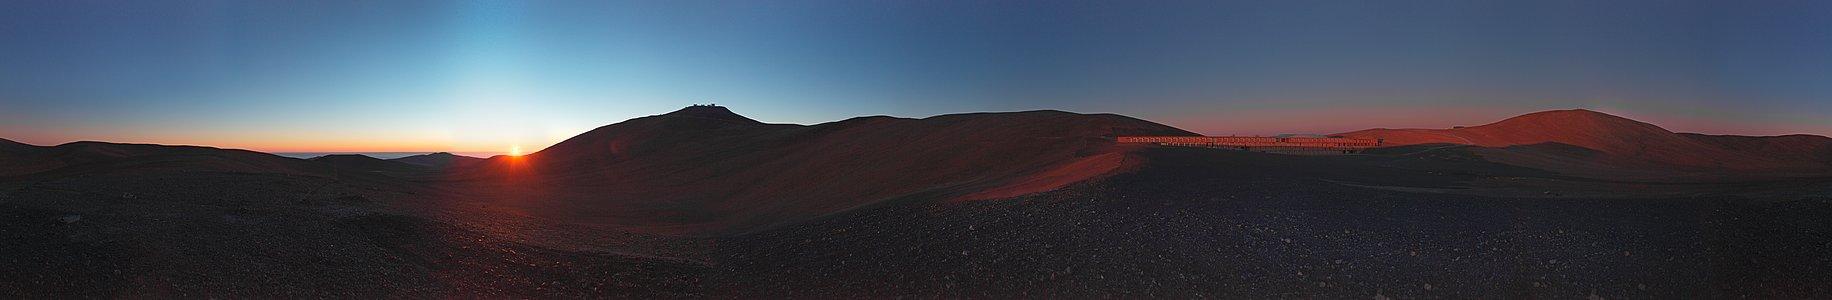 Panorama of Paranal